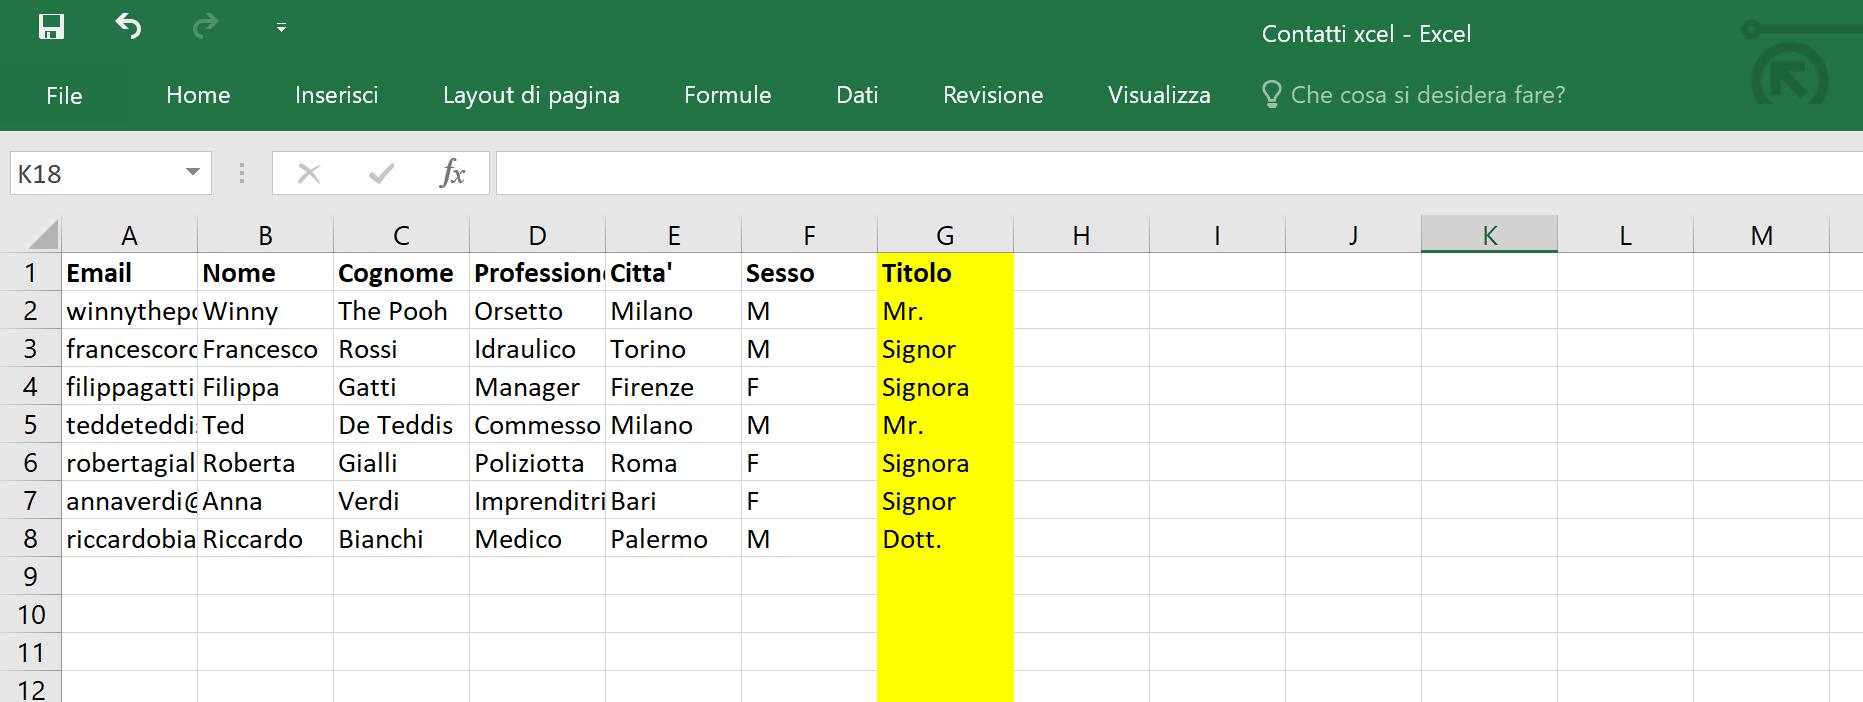 Lista contatti - Titolo